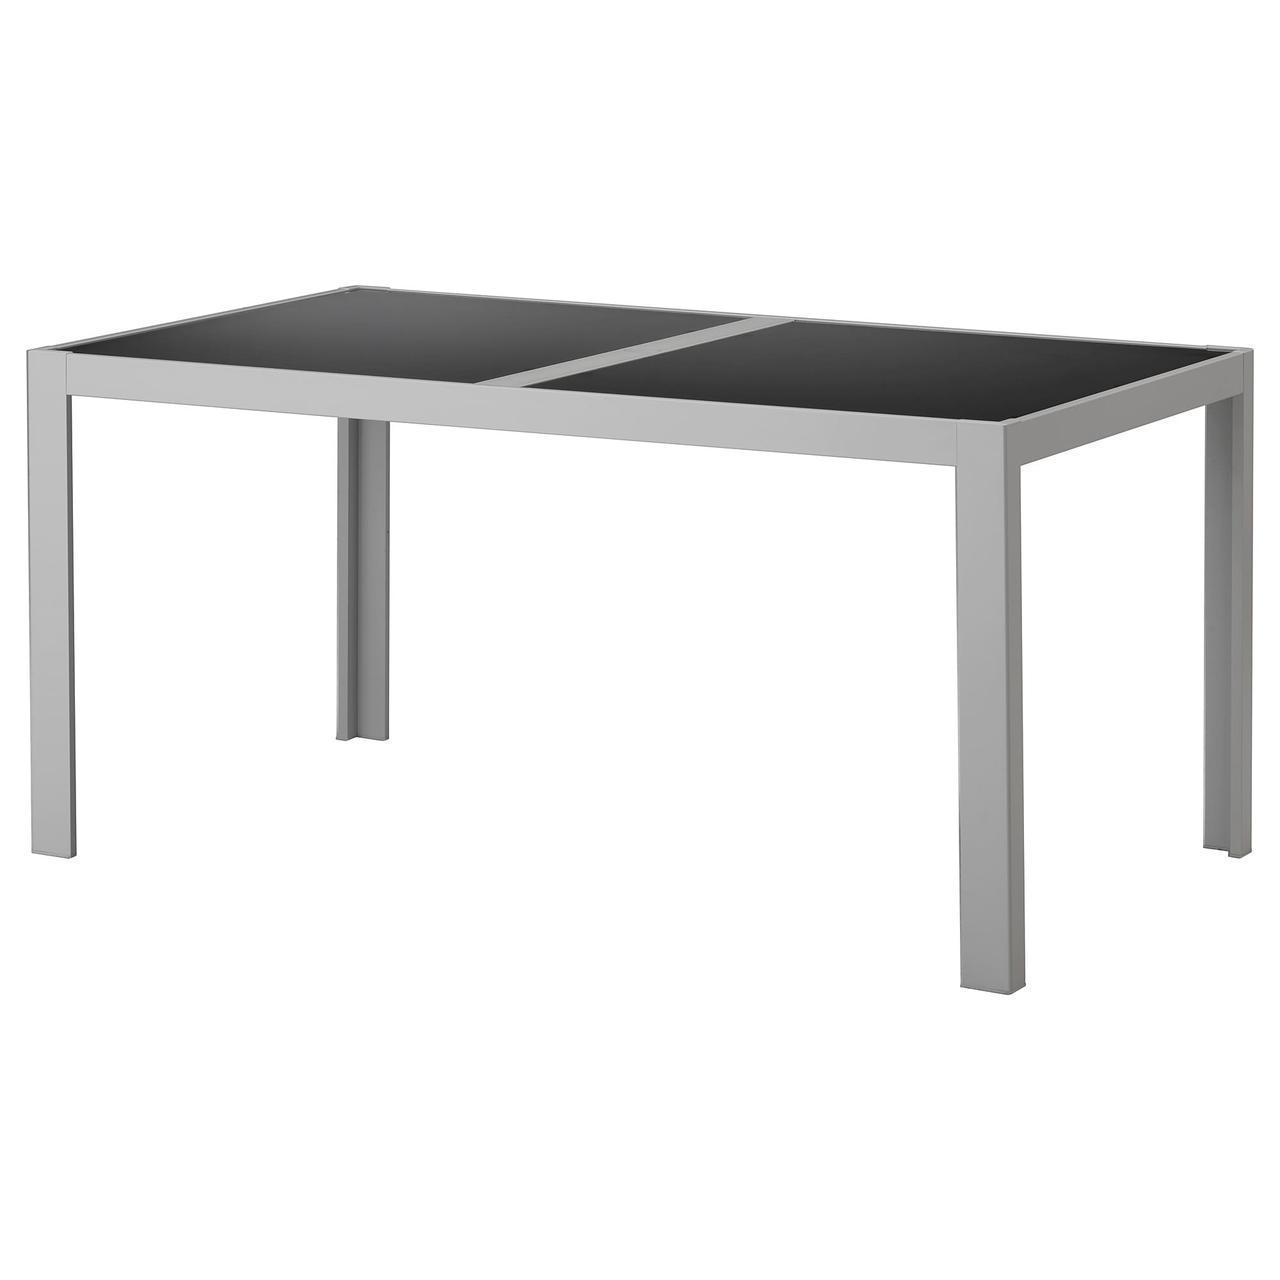 IKEA SJALLAND (792.648.75) Стол, сад, стекло, серый, светло-серый